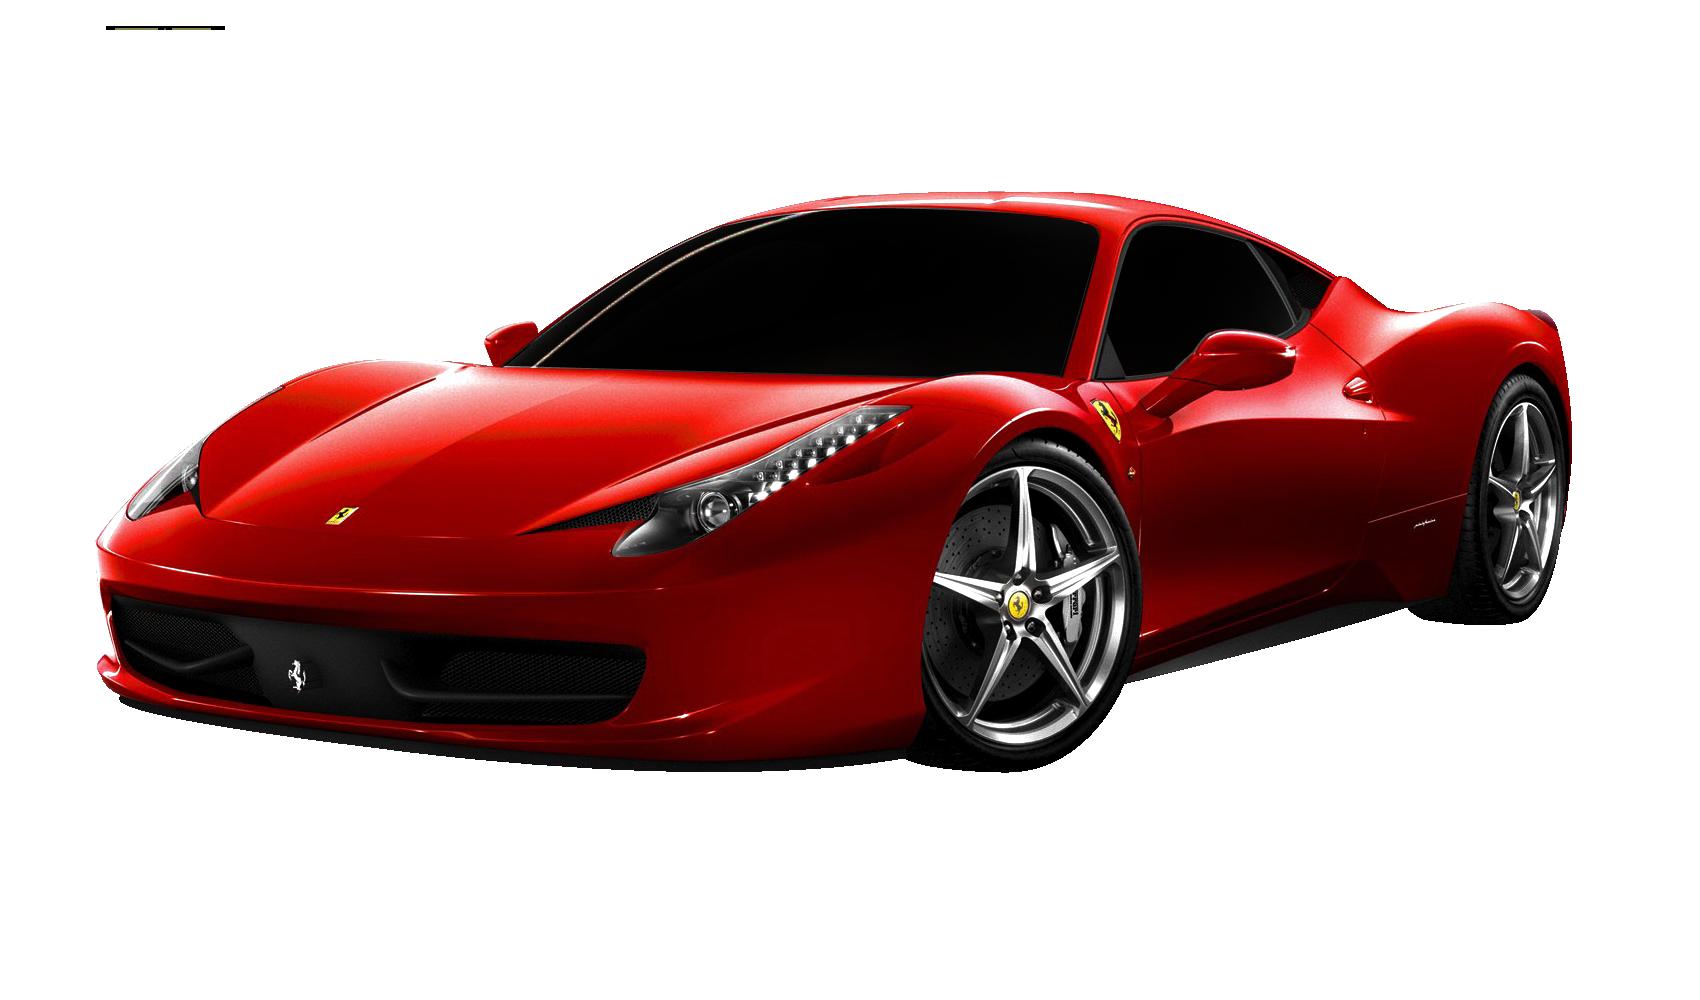 Race Car Png Hd: Free Ferrari Cliparts, Download Free Clip Art, Free Clip